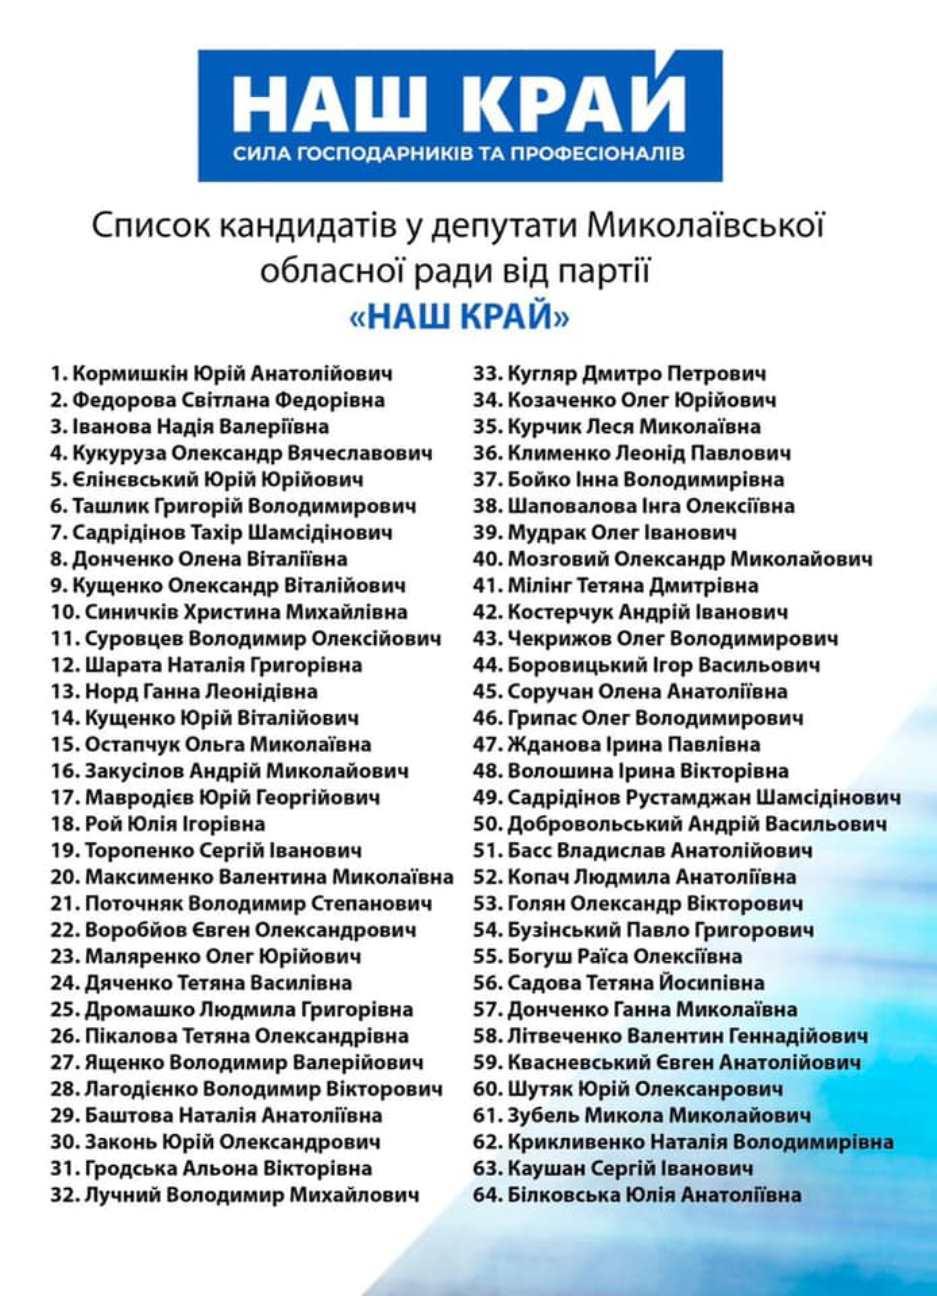 """В Николаеве ОПОРА заявила в полицию о нарушении предвыборной агитации партии """"Наш Край"""" 11"""